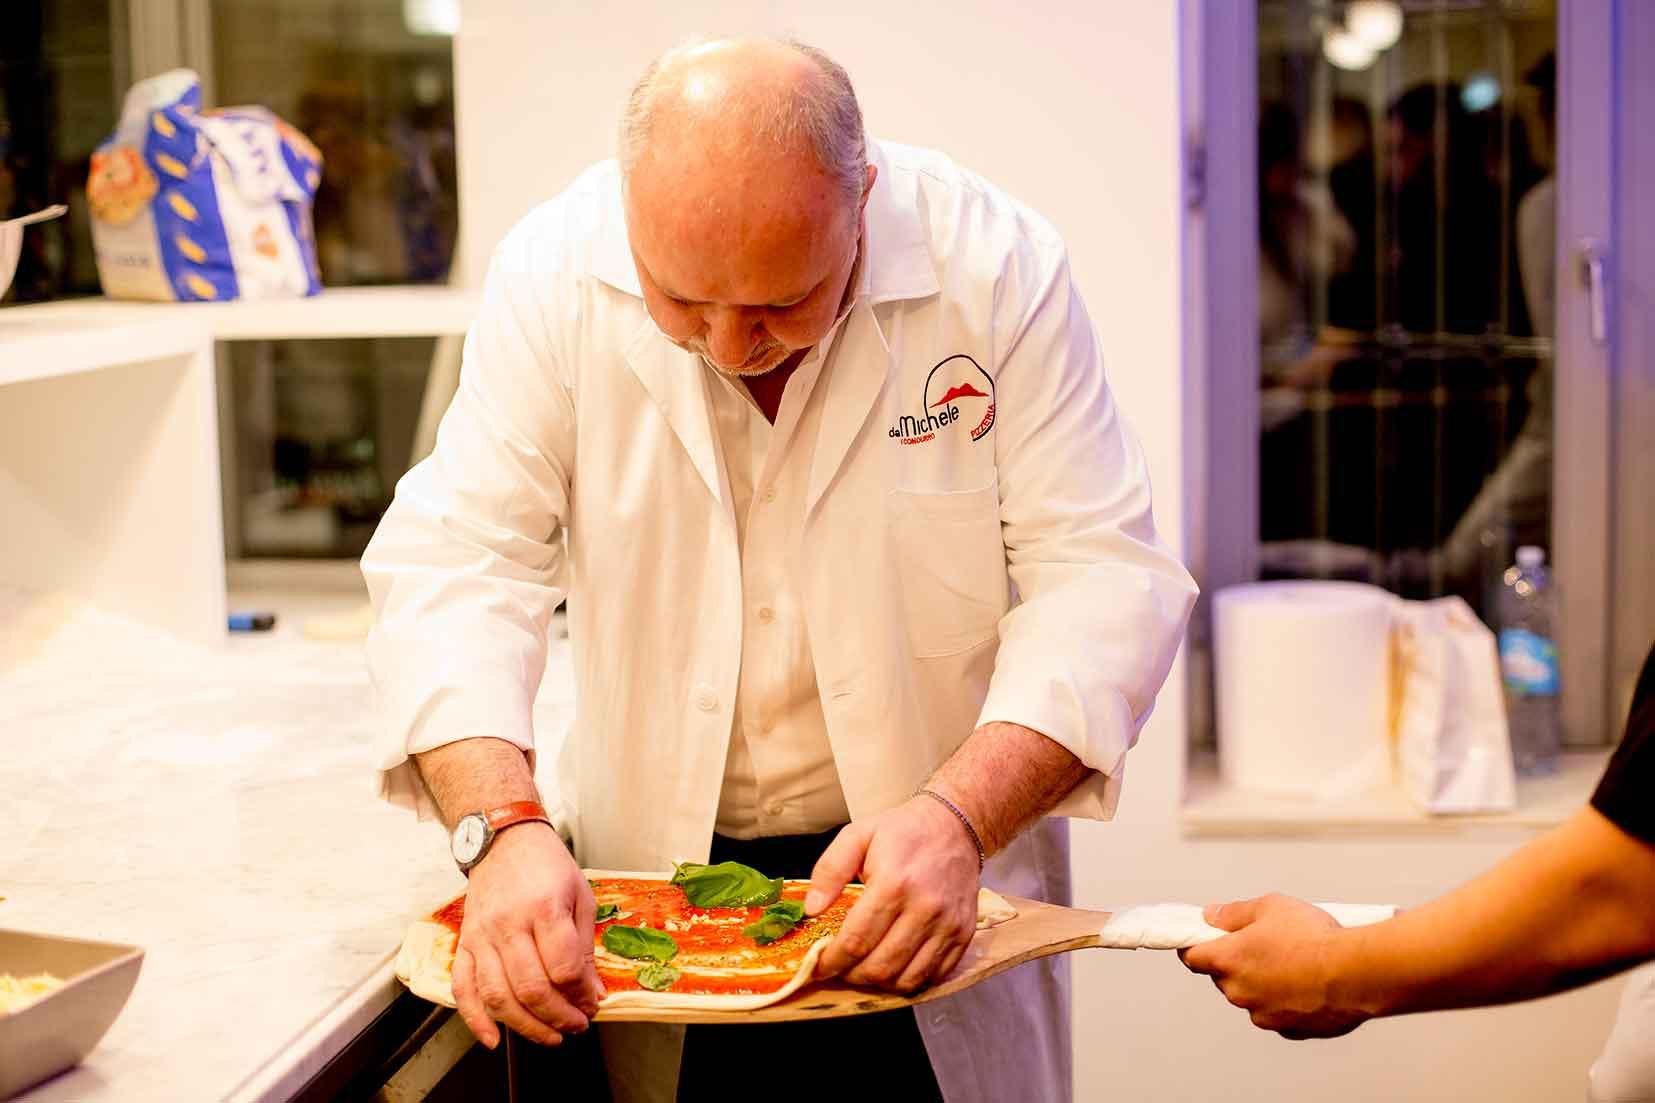 pizzeria-michele-i-condurro-milano-preparazione-pizza-pala